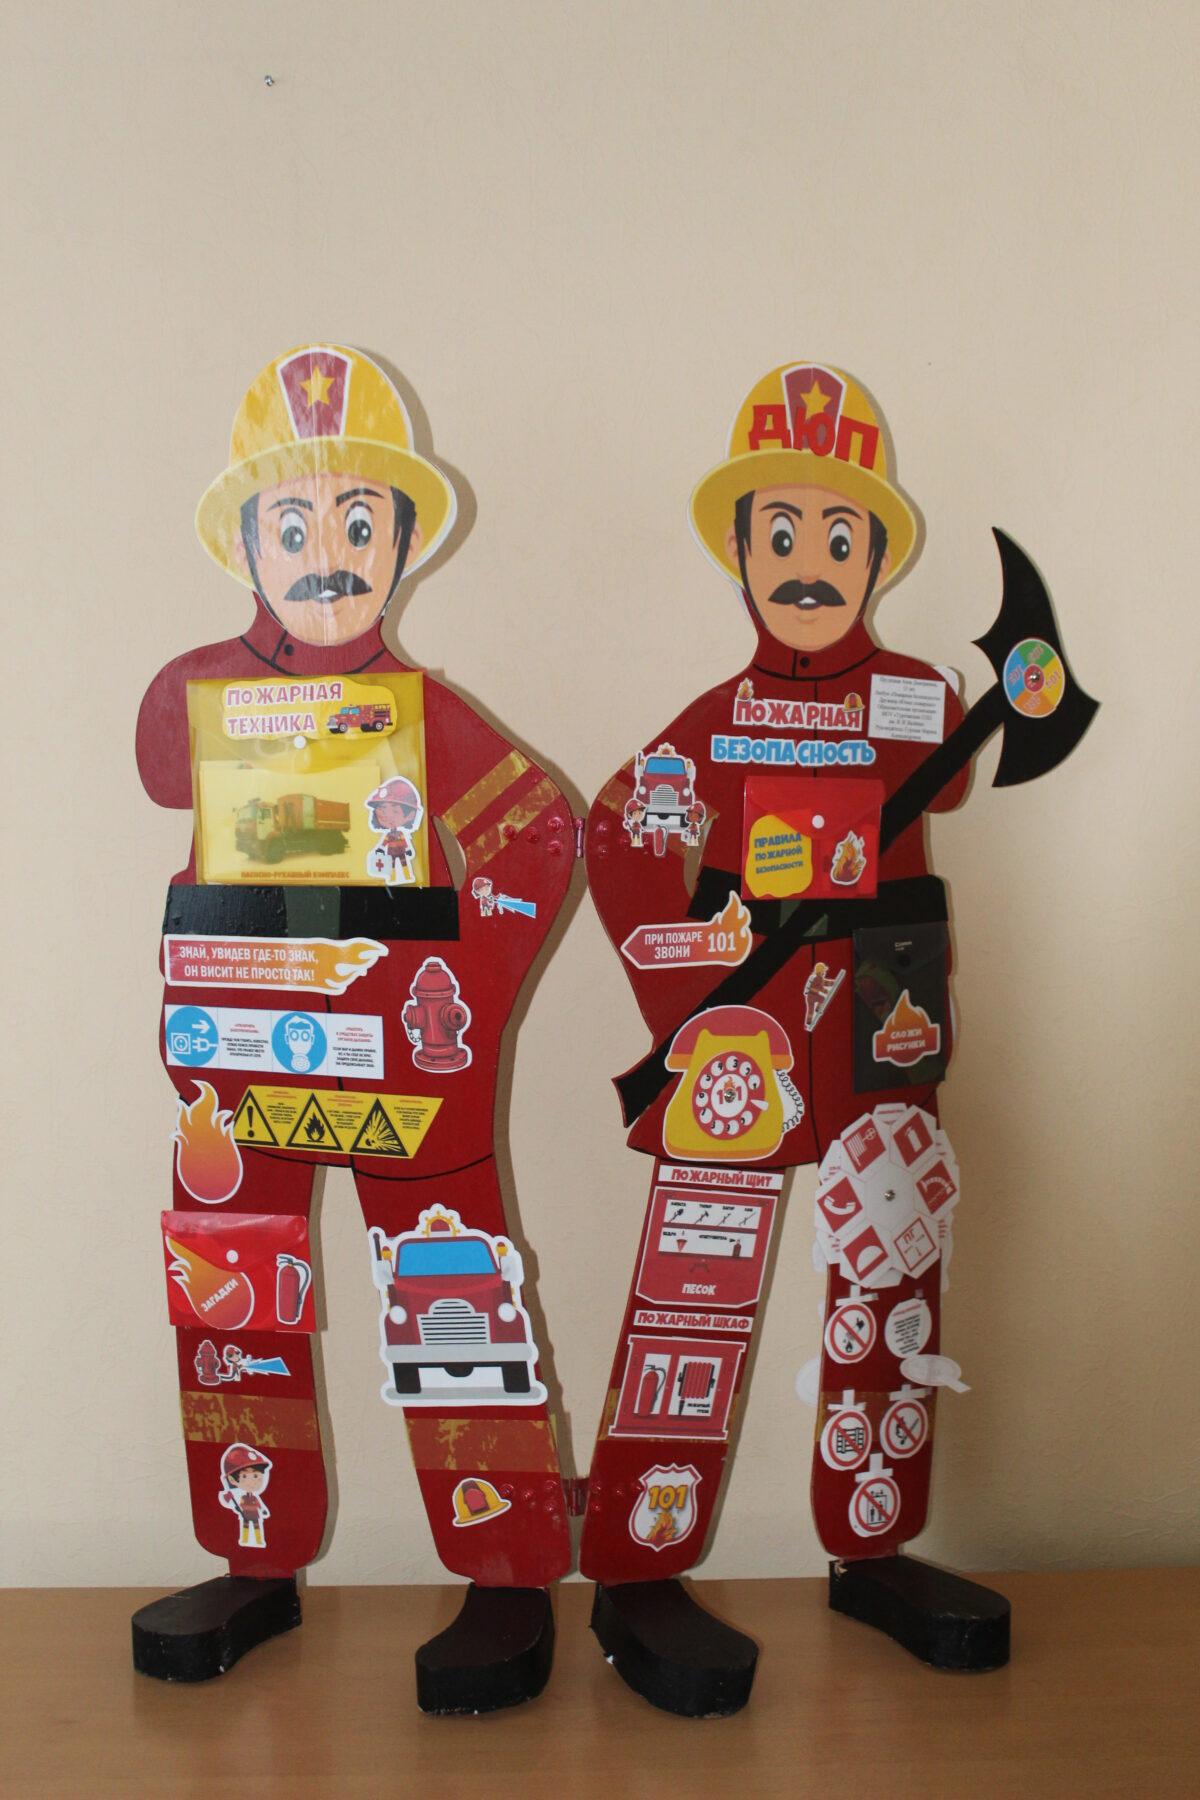 Поздравляем победителей XVII Всероссийского конкурса детско-юношеского творчества по пожарной безопасности «Неопалимая купина»!